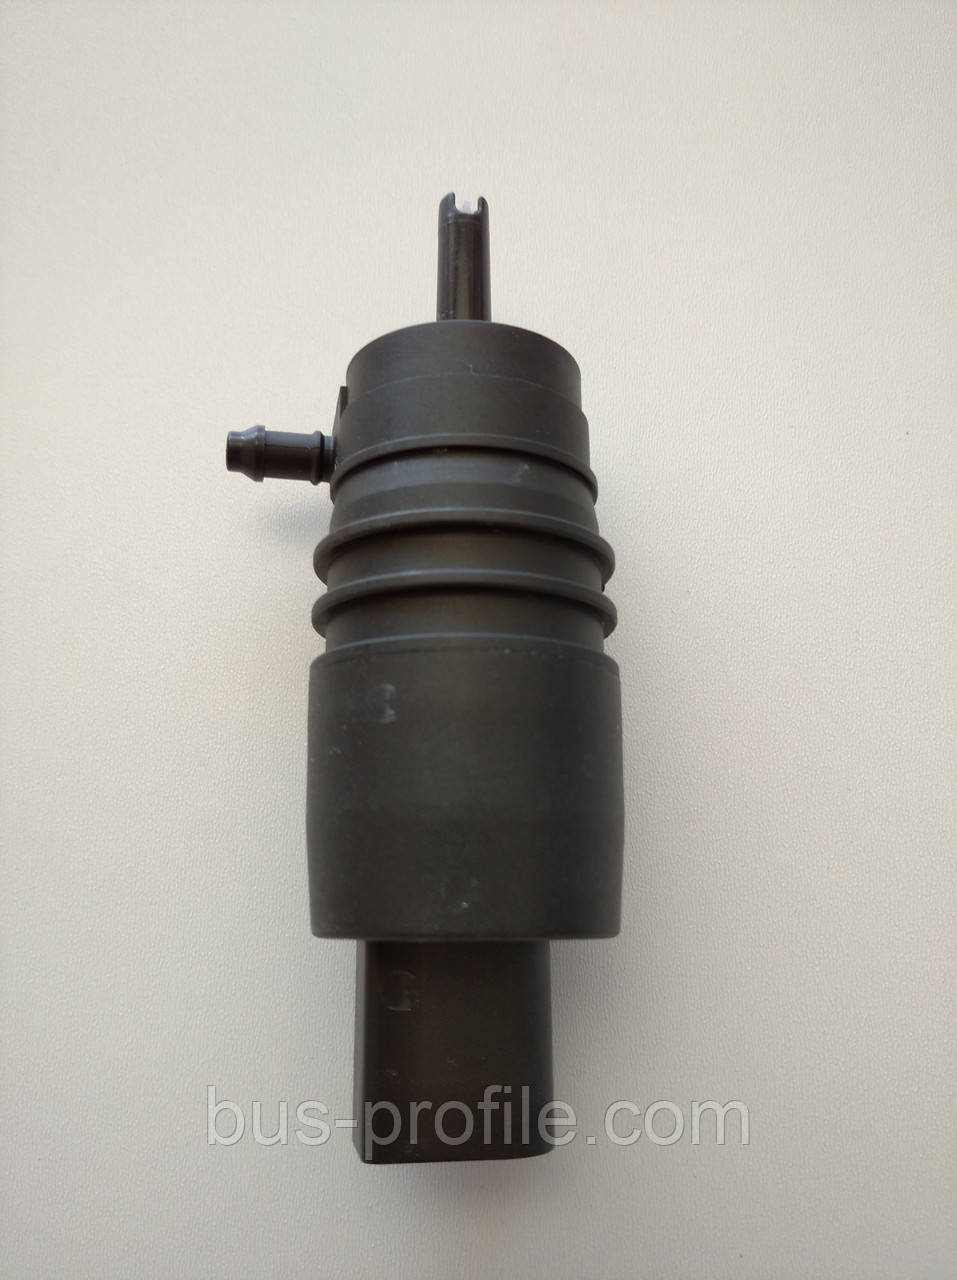 Моторчик бачка омывателя MB Sprinter(906) 06- Vito 639 03- — Meyle — 100 955 0006